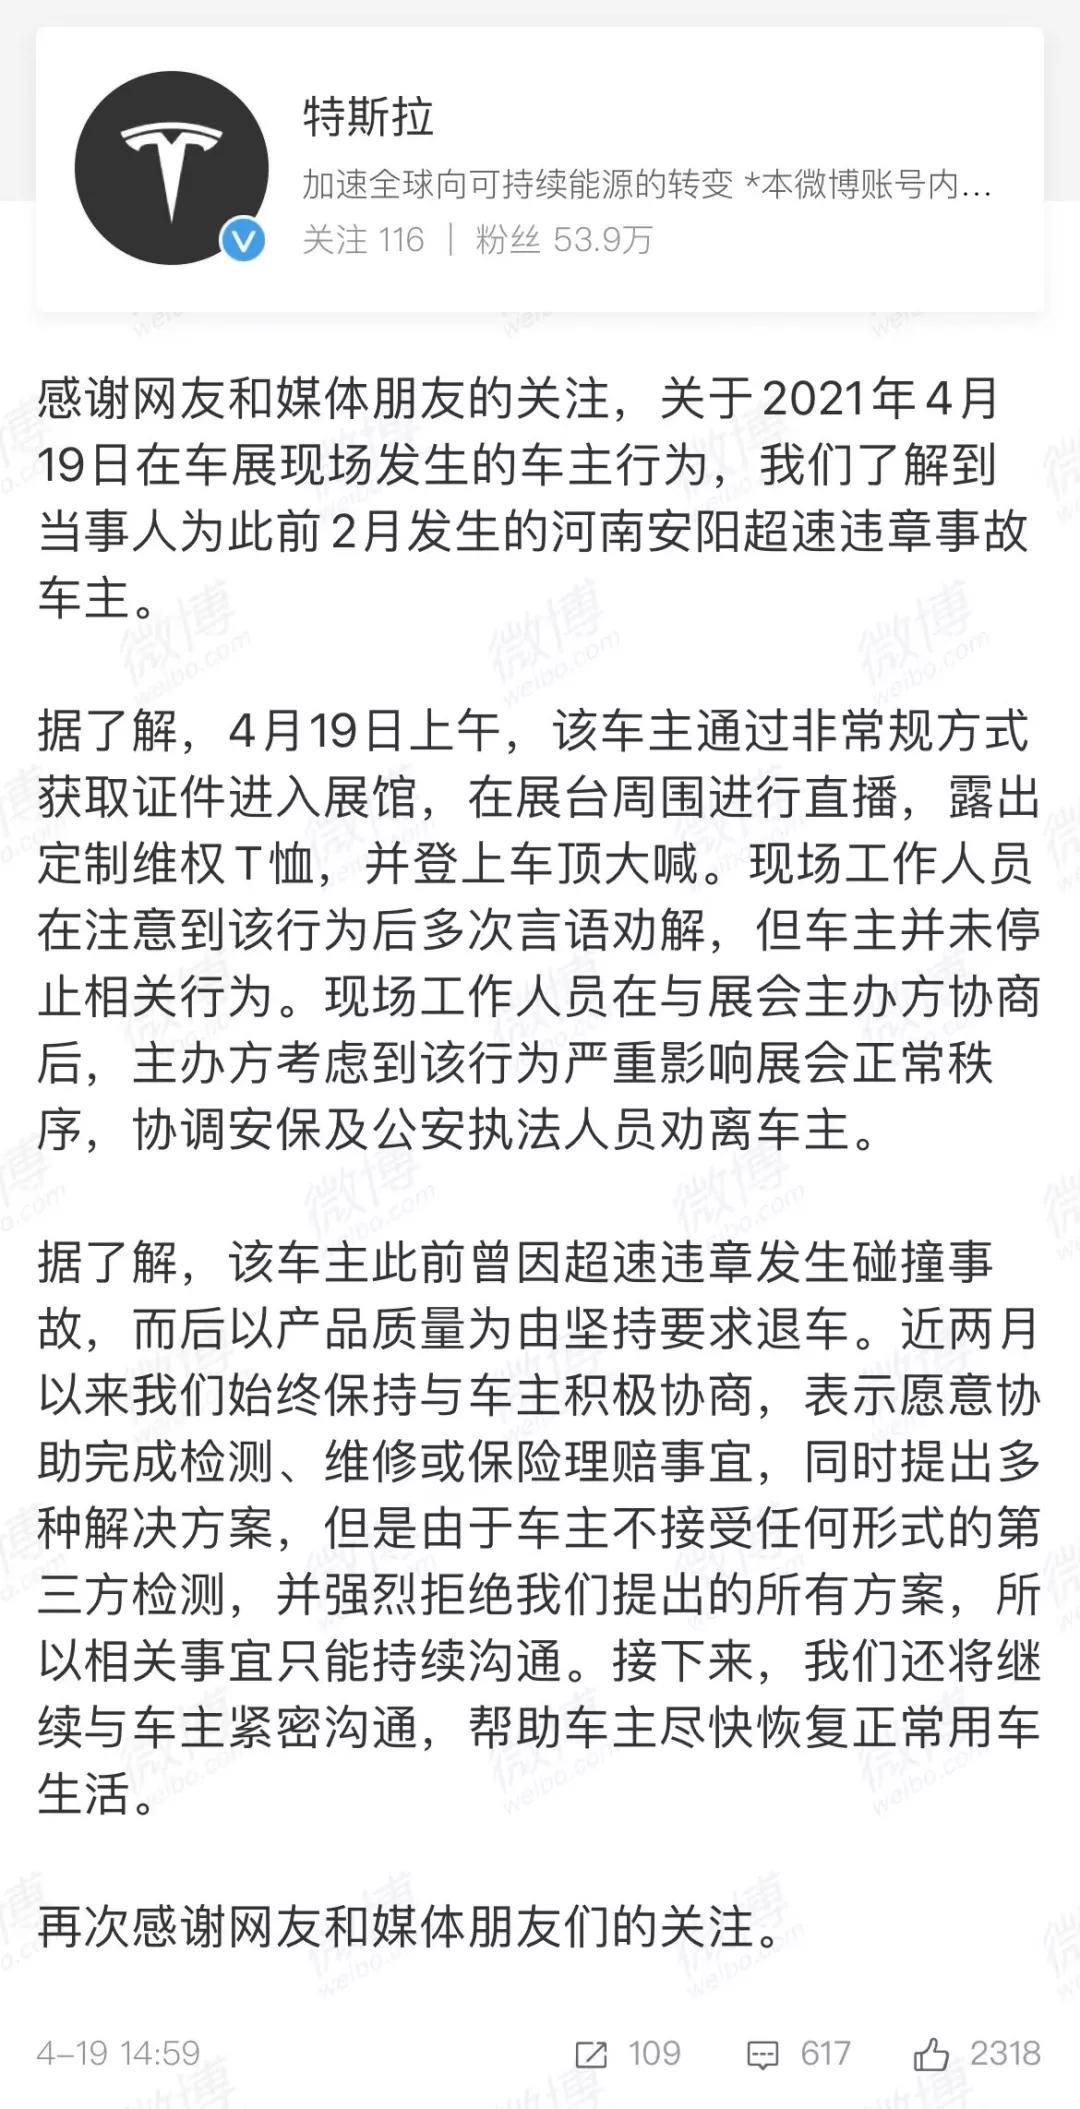 4月19日,特斯拉第一次回应上海车展维权事件